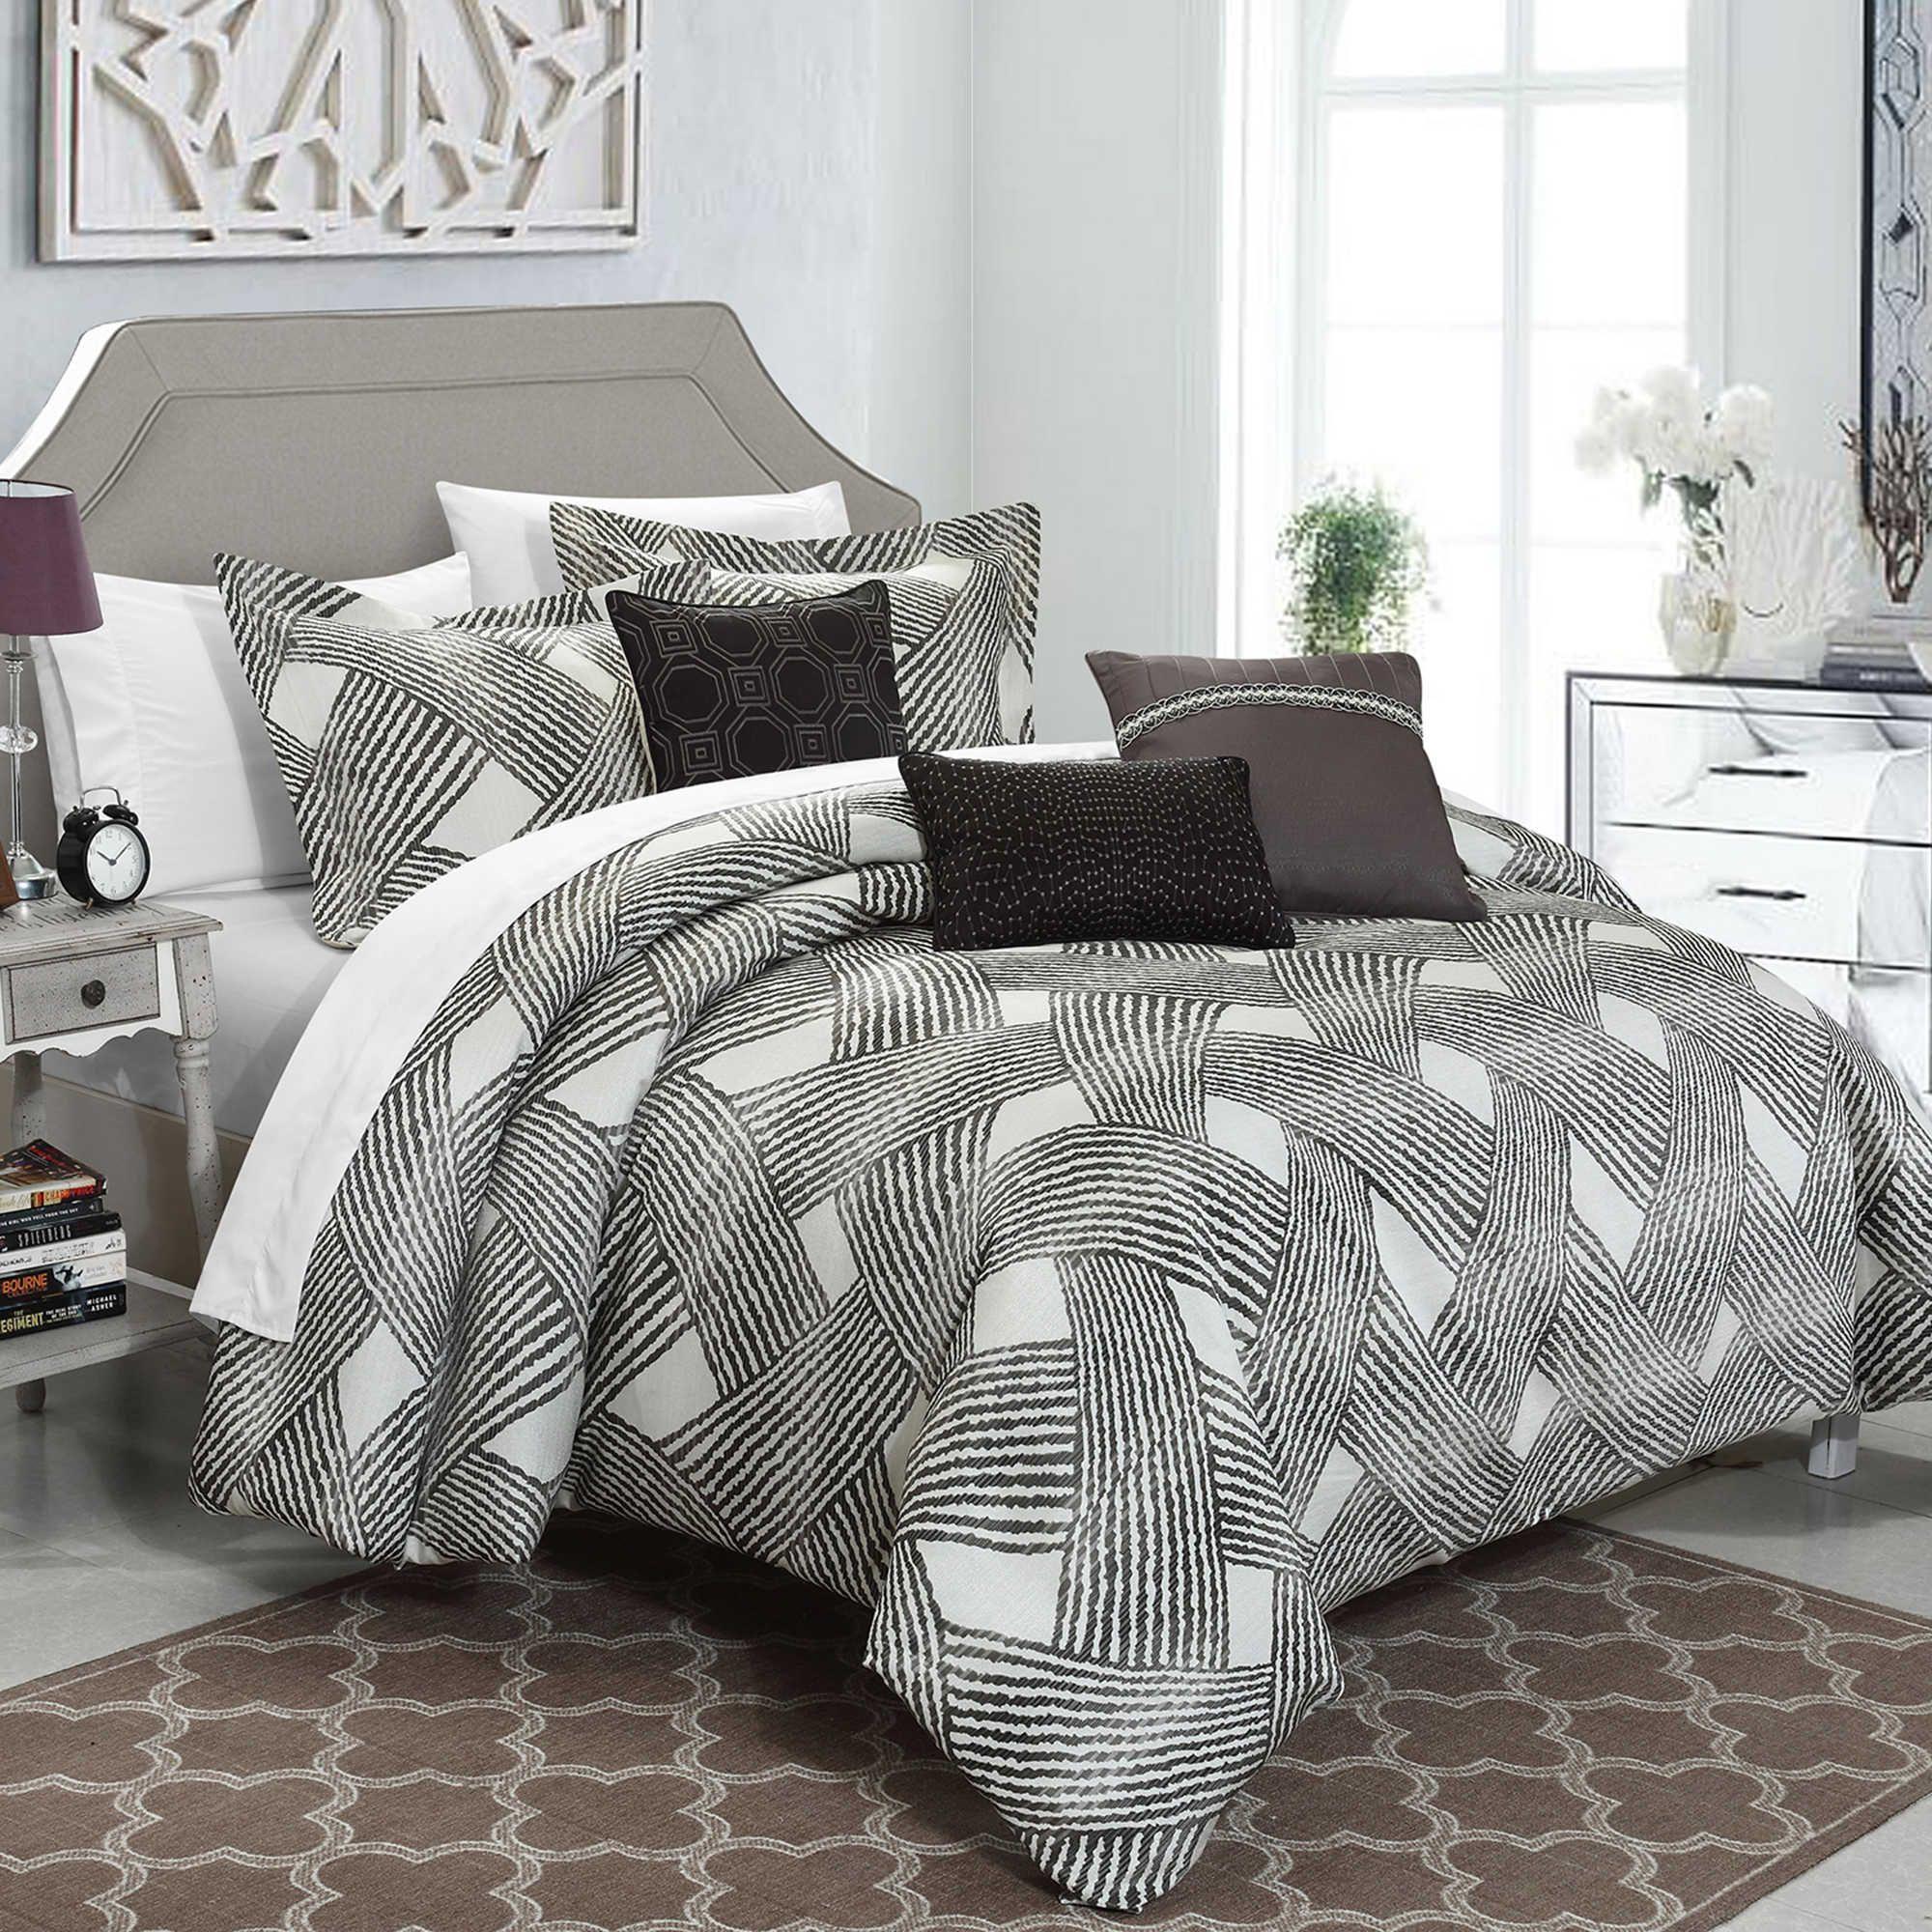 Invalid Url Comforter Sets Jacquard Bedding Bedding Sets